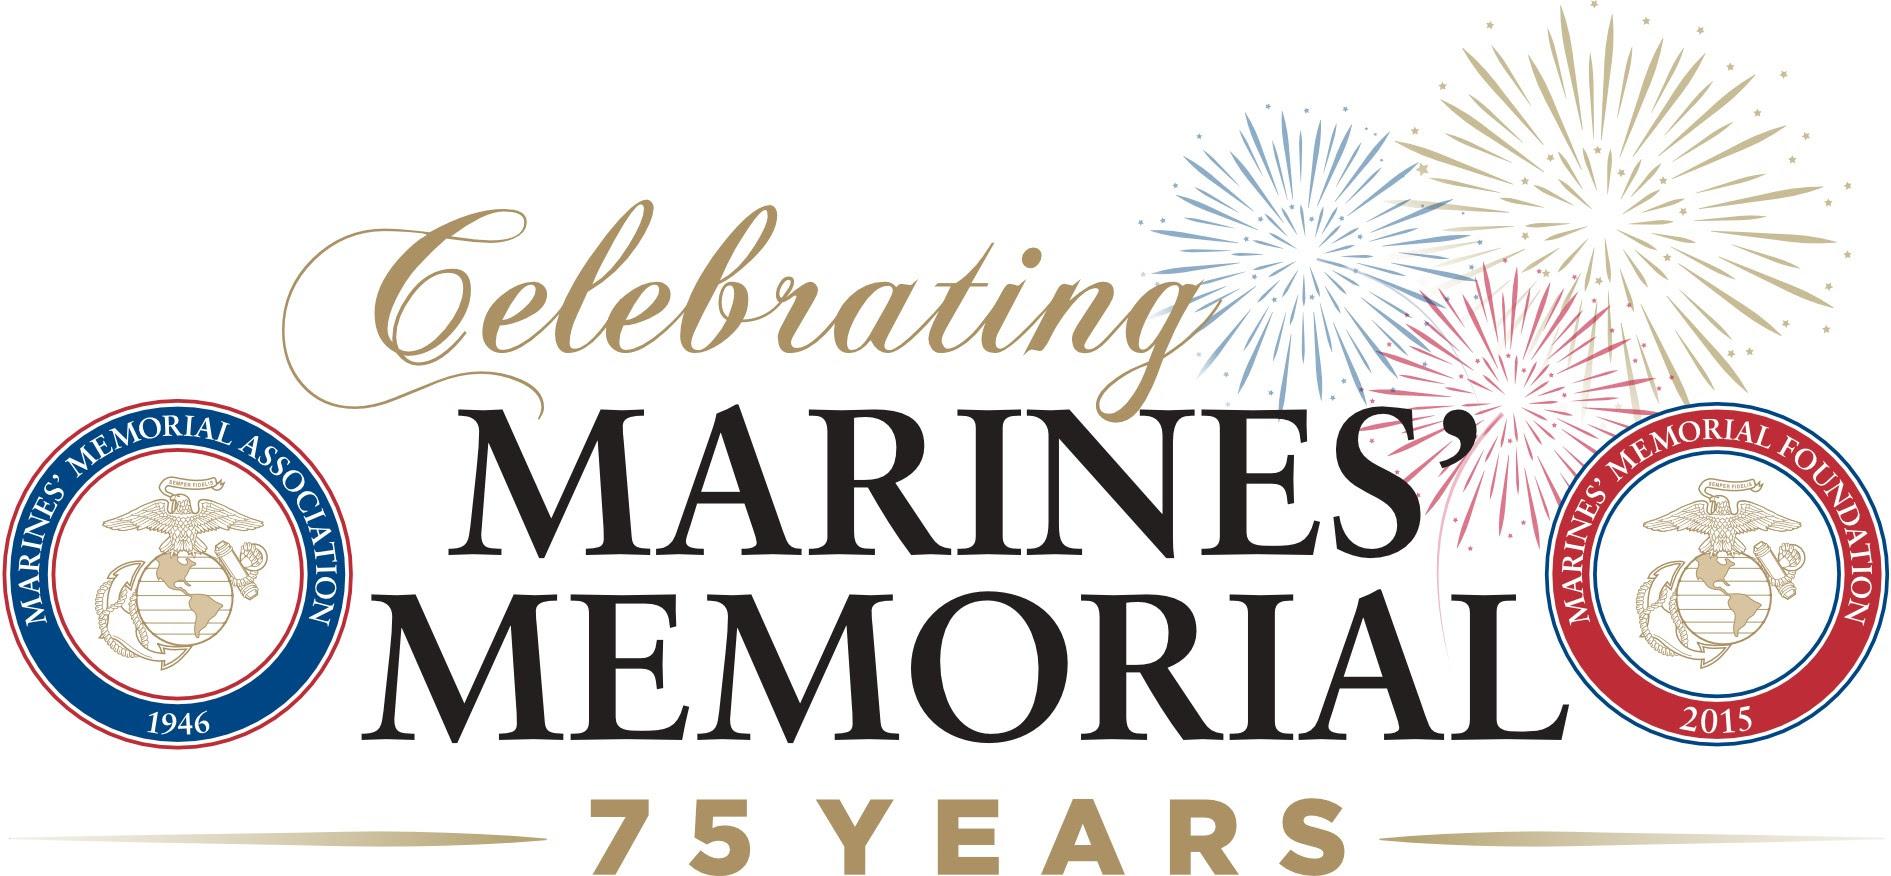 Marines' Memorial: 75 Year Anniversary